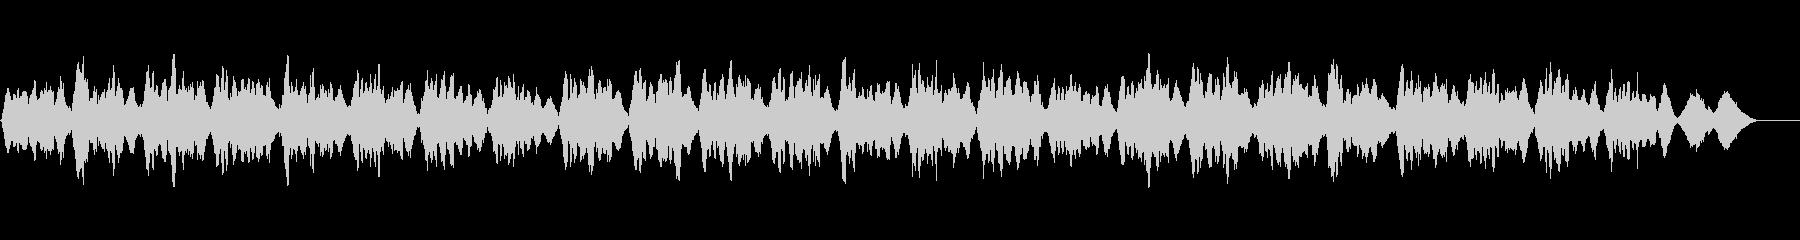 弦楽四重奏の生演奏による讃美歌001の未再生の波形